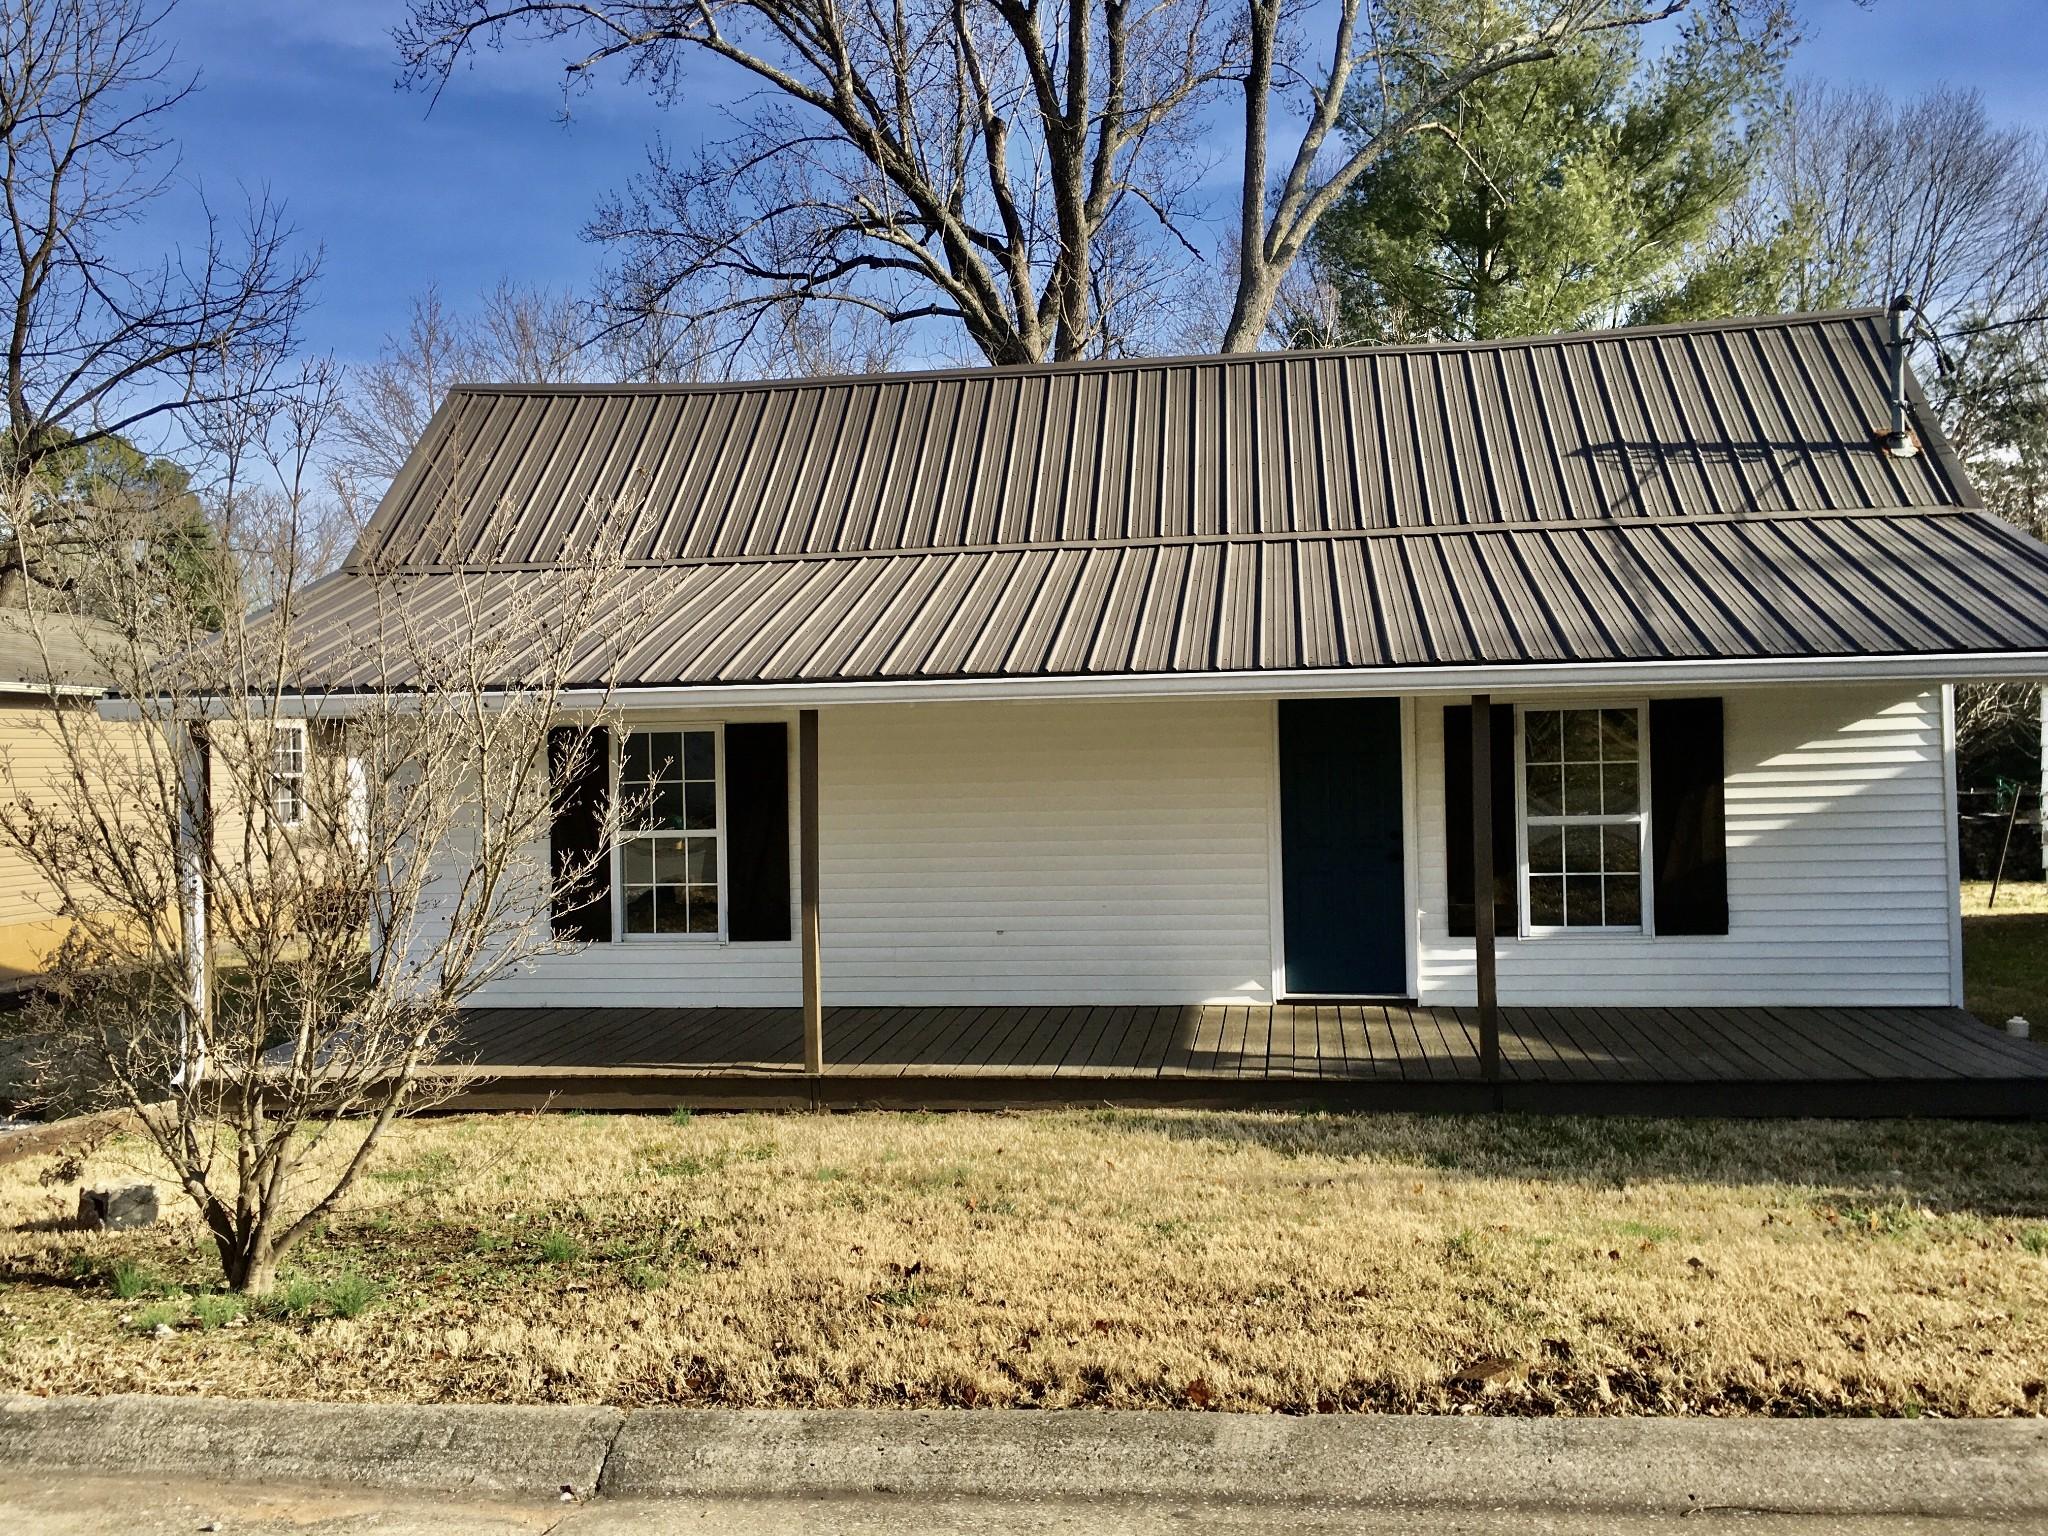 129 Mauzy St, Mc Minnville, TN 37110 - Mc Minnville, TN real estate listing